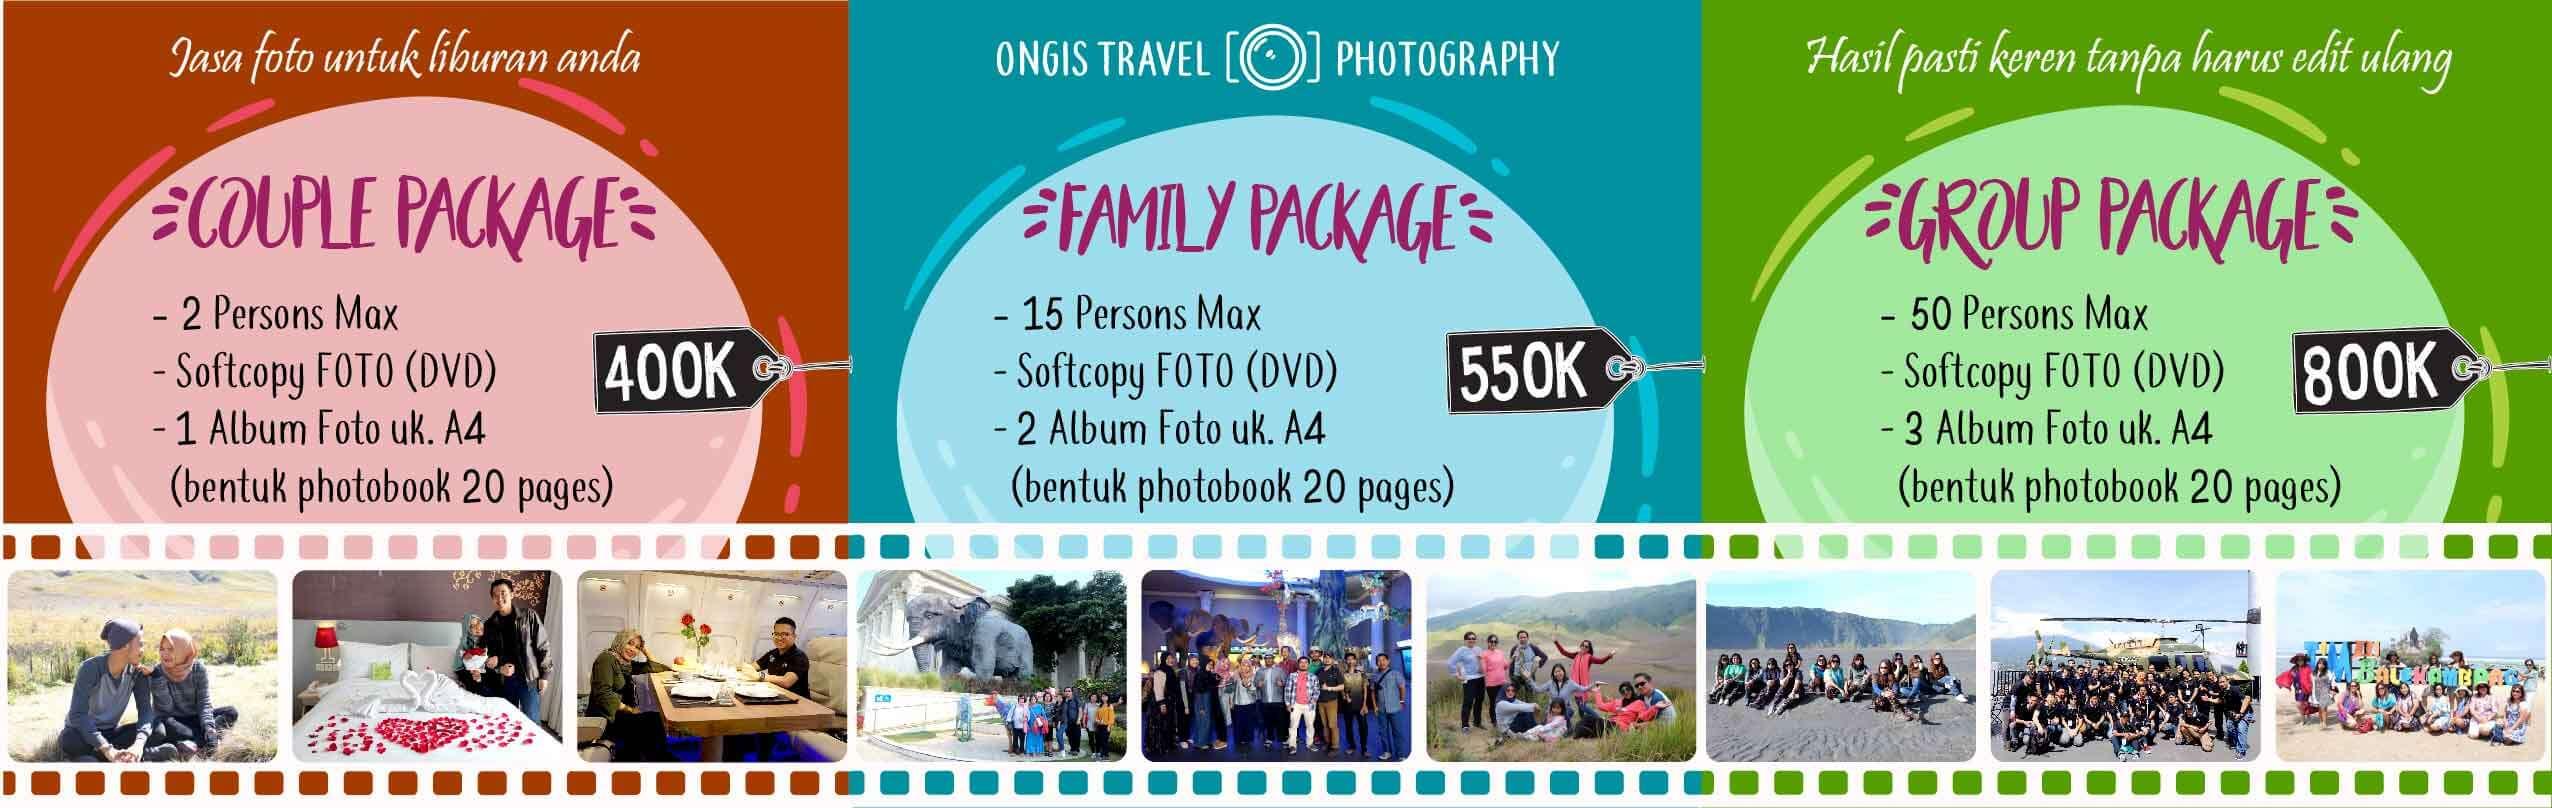 Jasa Foto Liburan Wisata di Malang